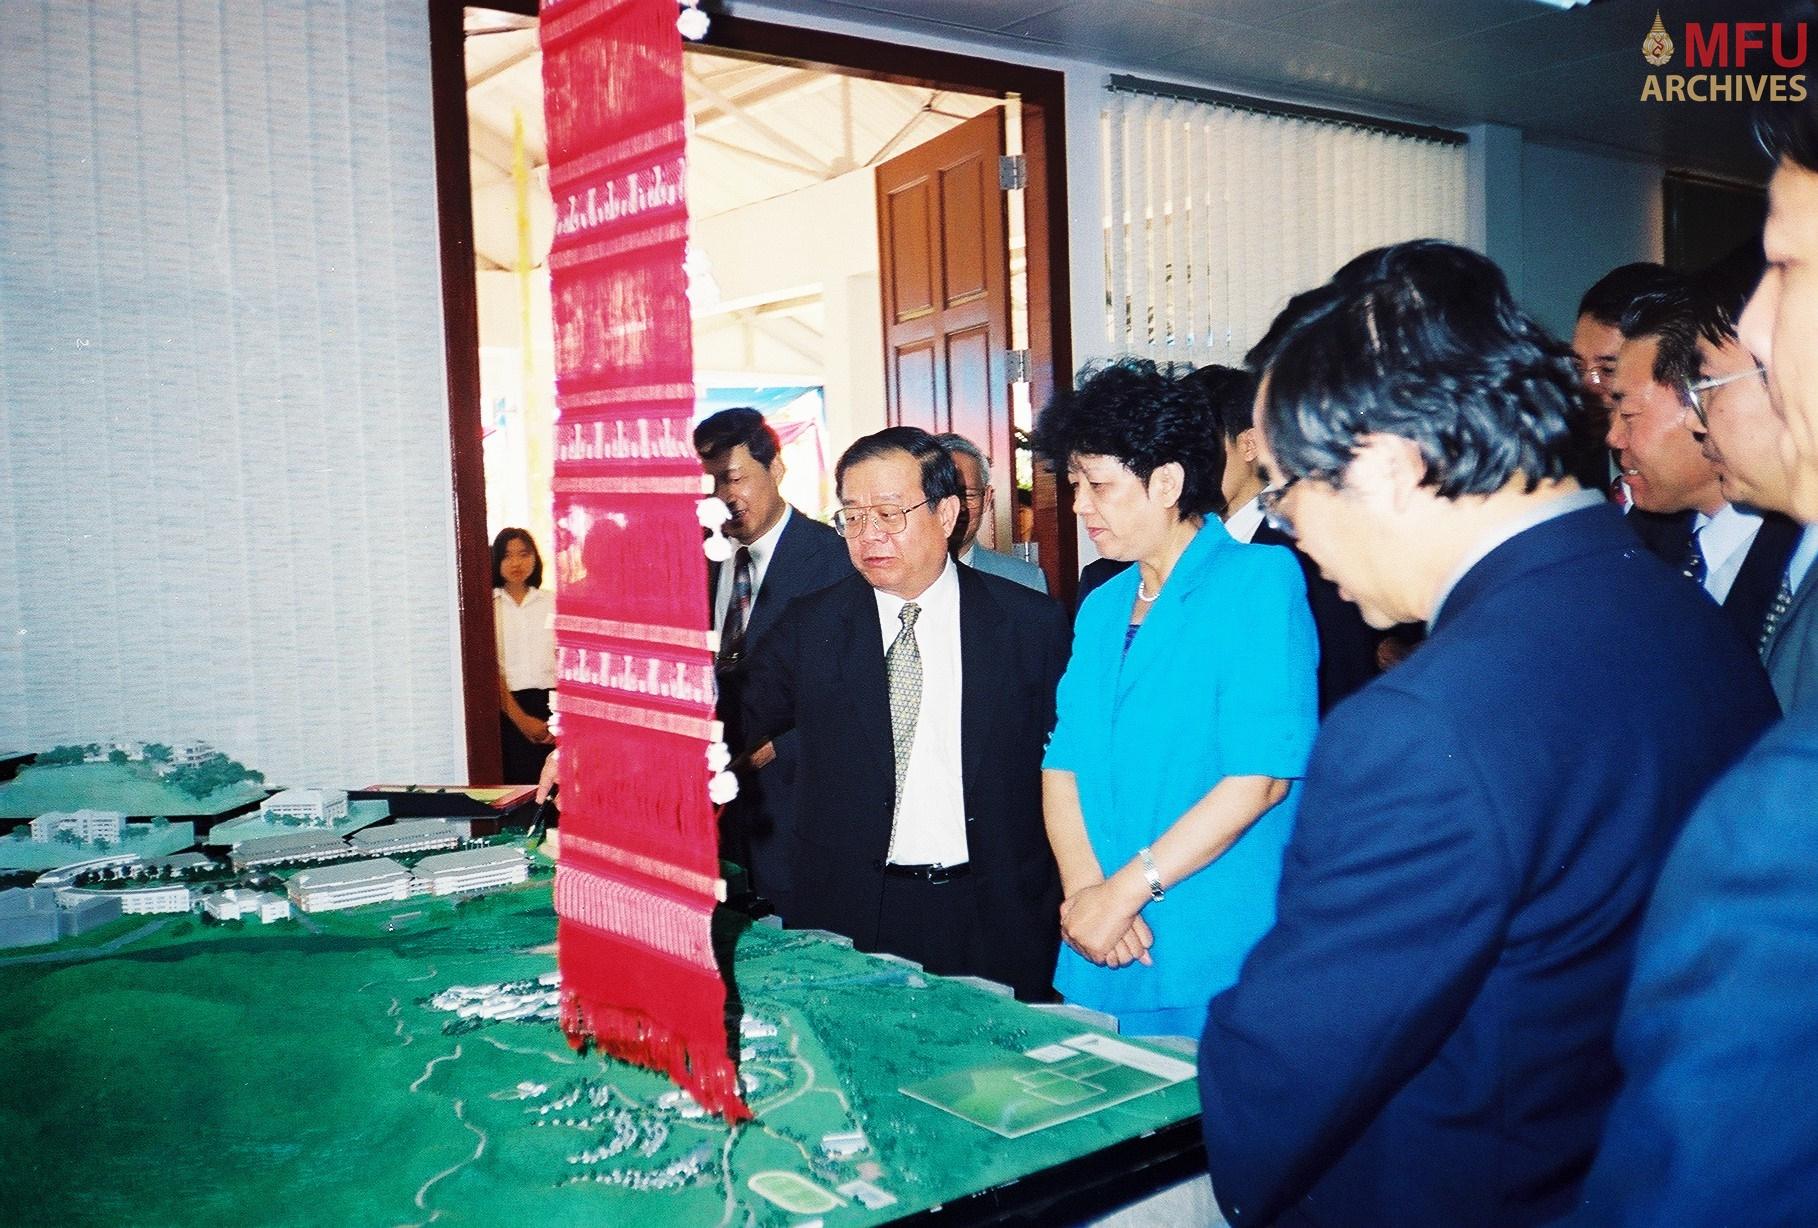 3930 - ฯพณฯ เฉิน จื้อลี่ รับชมการบรรยายข้อมูลของมหาวิทยาลัยแม่ฟ้าหลวง โดย รศ.ดร.วันชัย ศิริชนะ อธิการบดี